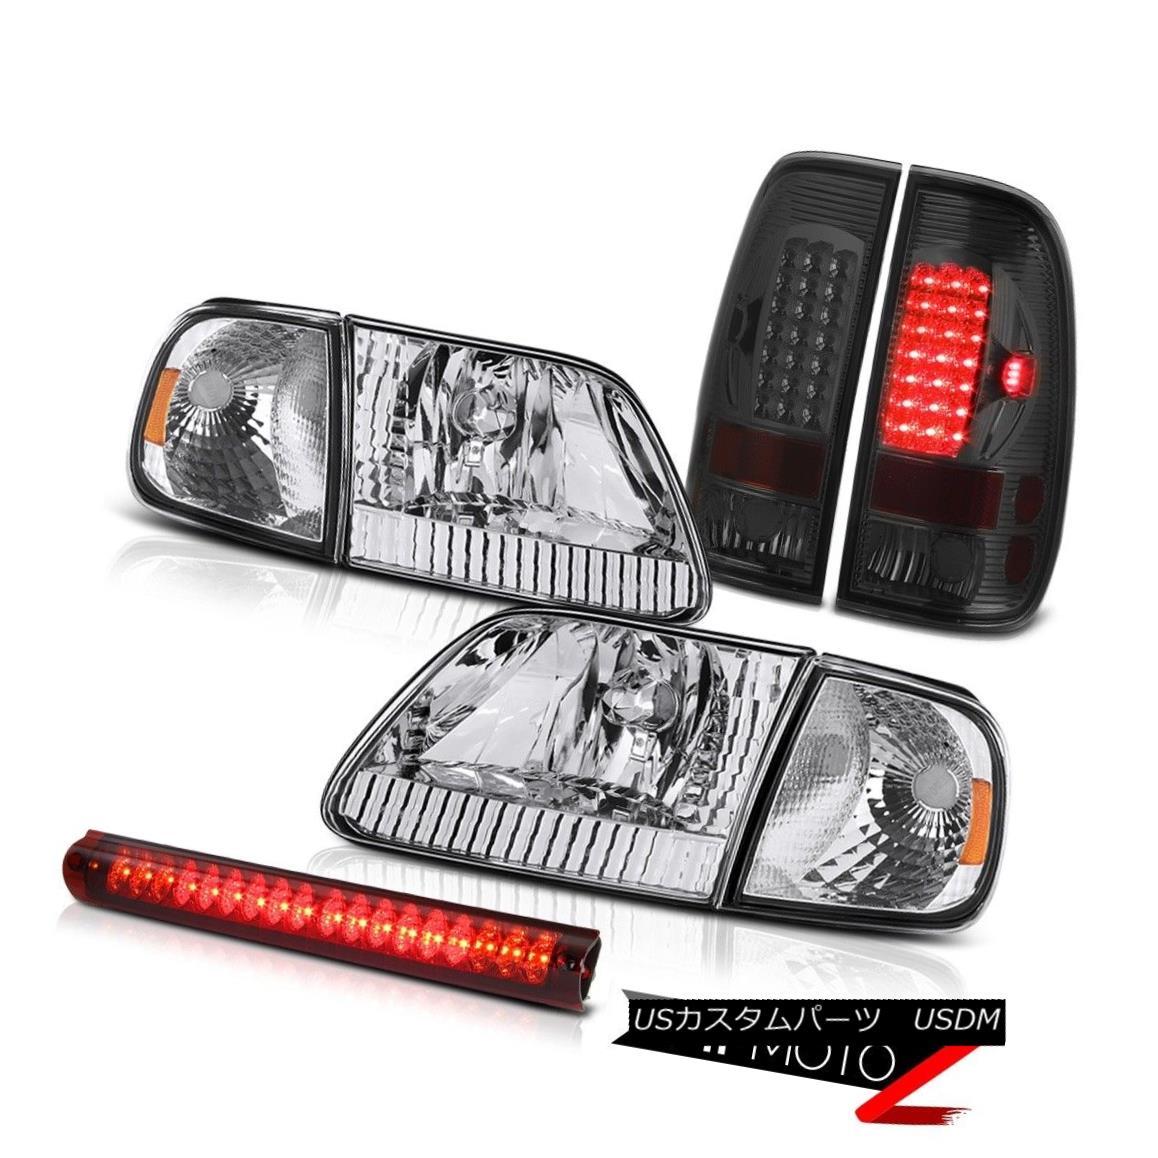 ヘッドライト Left Right Headlights Corner Parking Tail Lights Roof Brake LED 1997-2003 F150 左右ヘッドライトコーナーパーキングテールライトルーフブレーキLED 1997-2003 F150